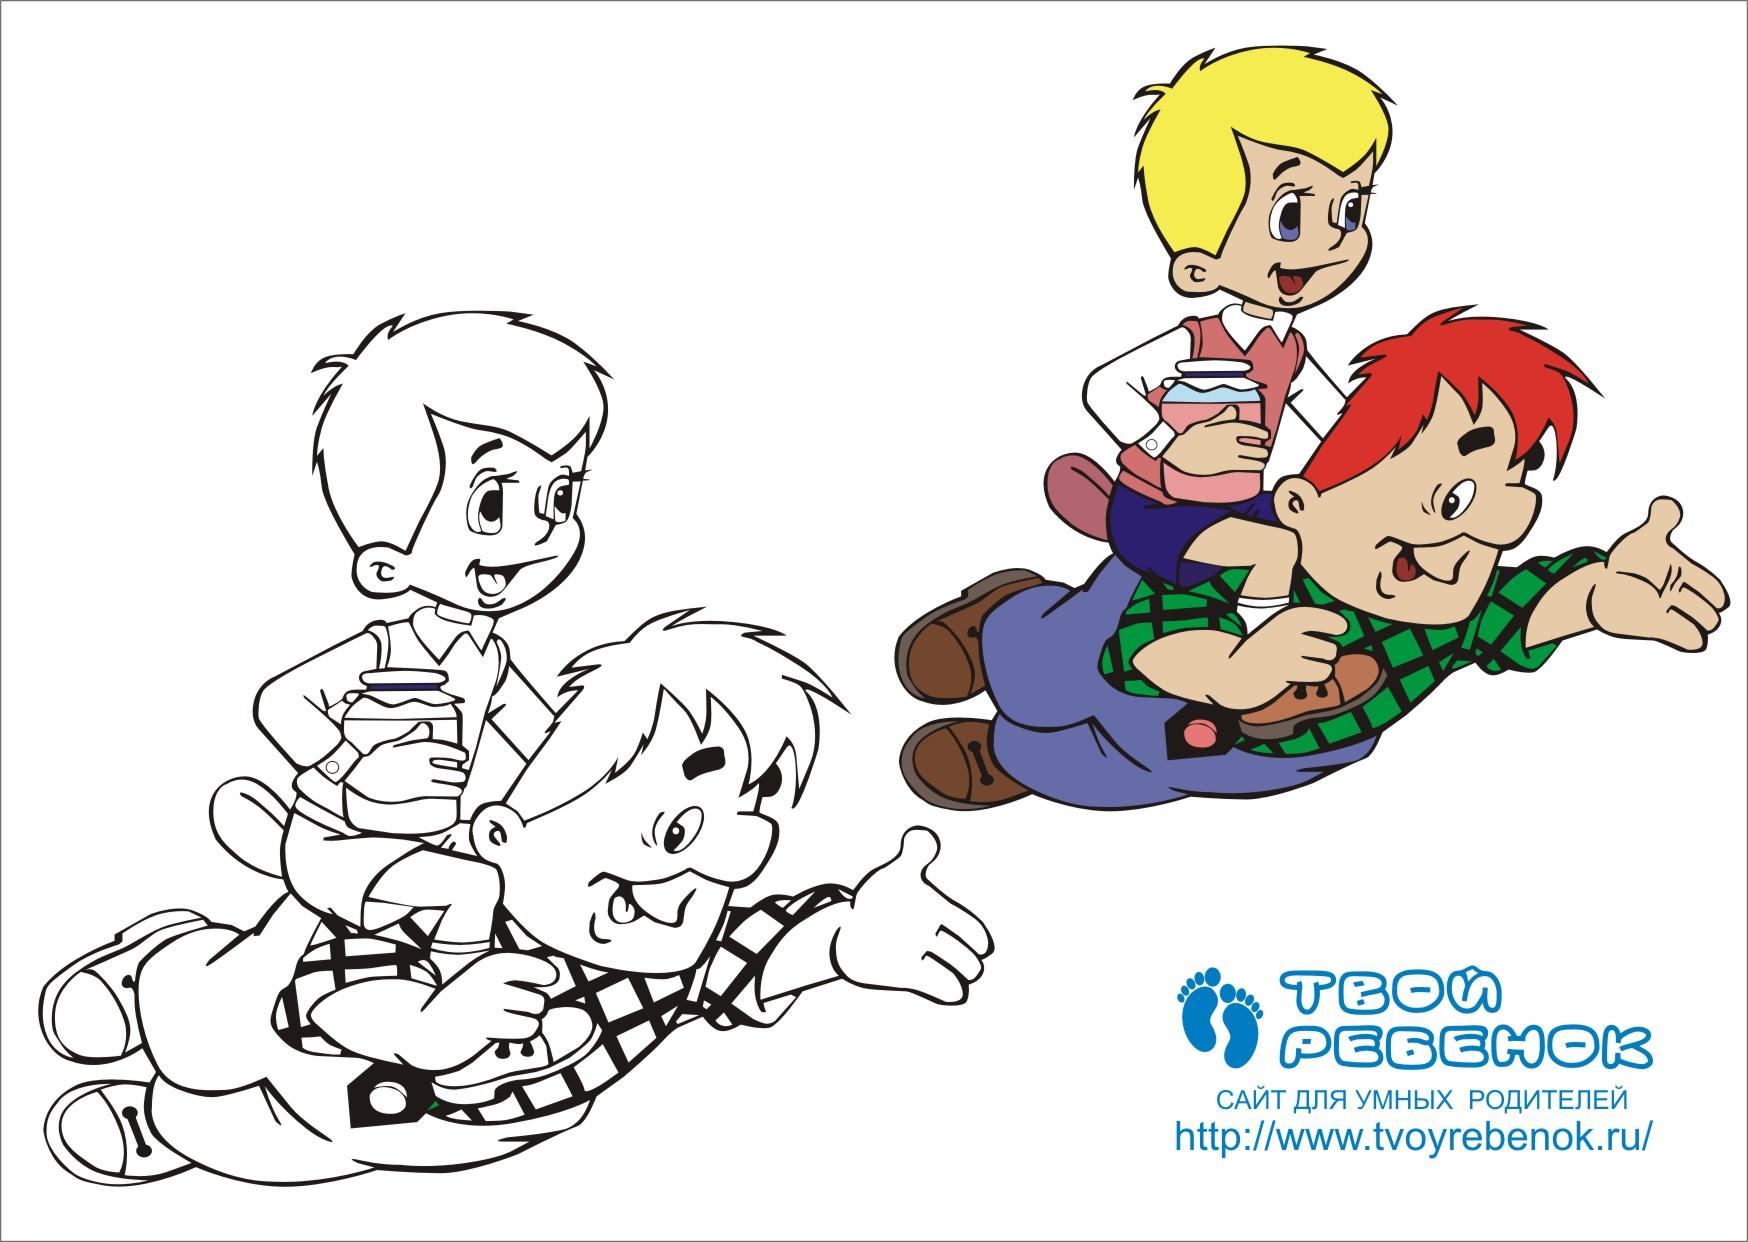 Малышка и карлсон скачать fb2 бесплатно